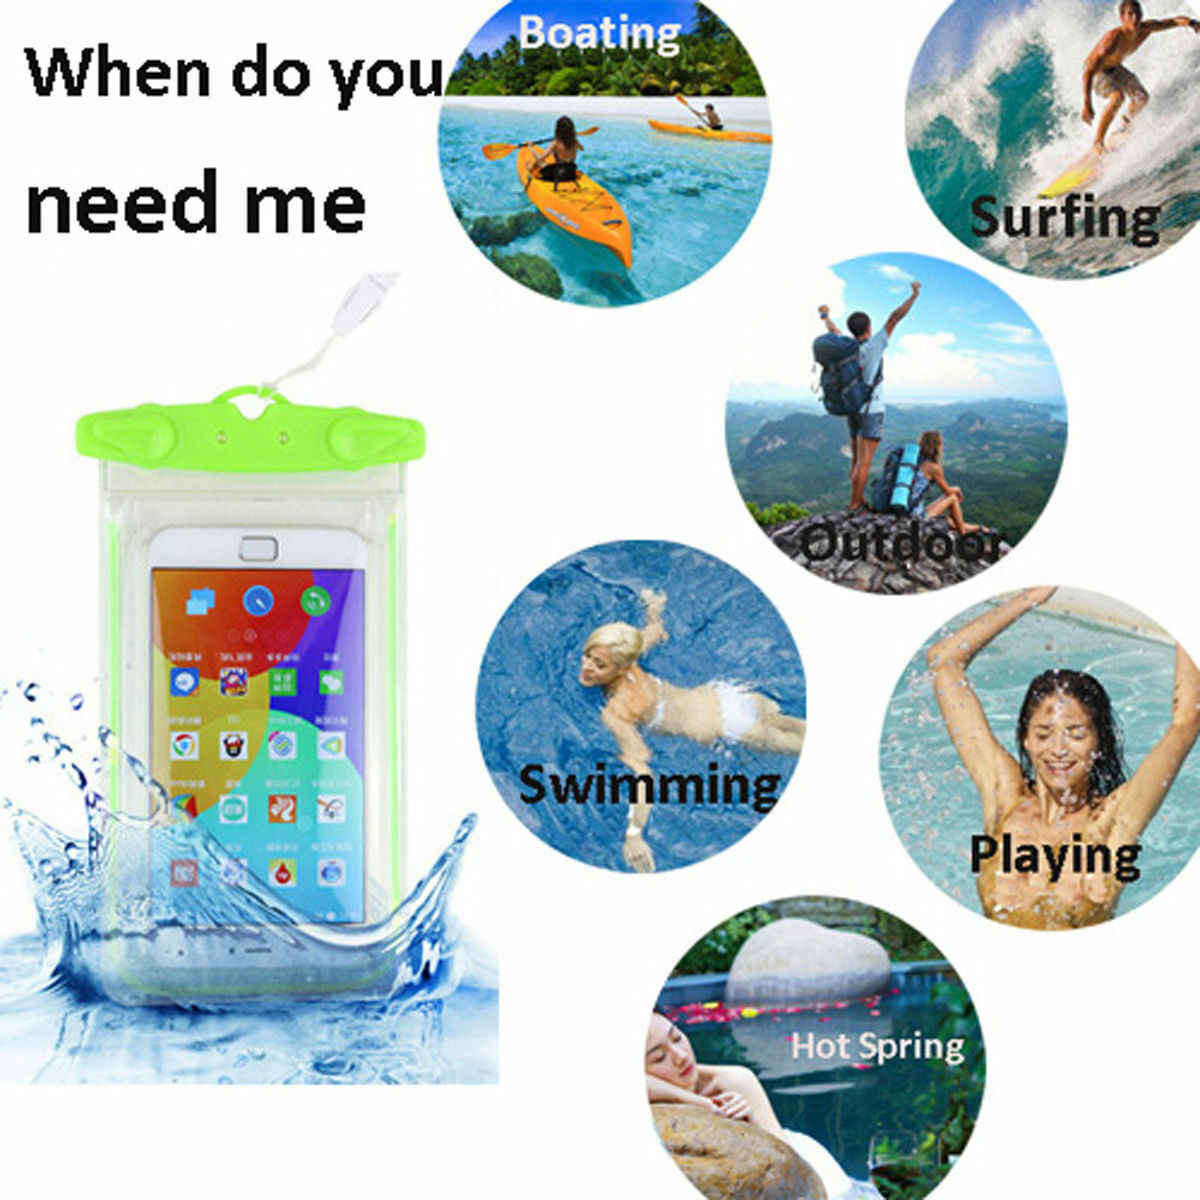 في الهواء الطلق للماء الهاتف المحمول حقيبة الحقيبة السباحة الشاطئ حقيبة جافة حالة غطاء حامل ل هاتف محمول